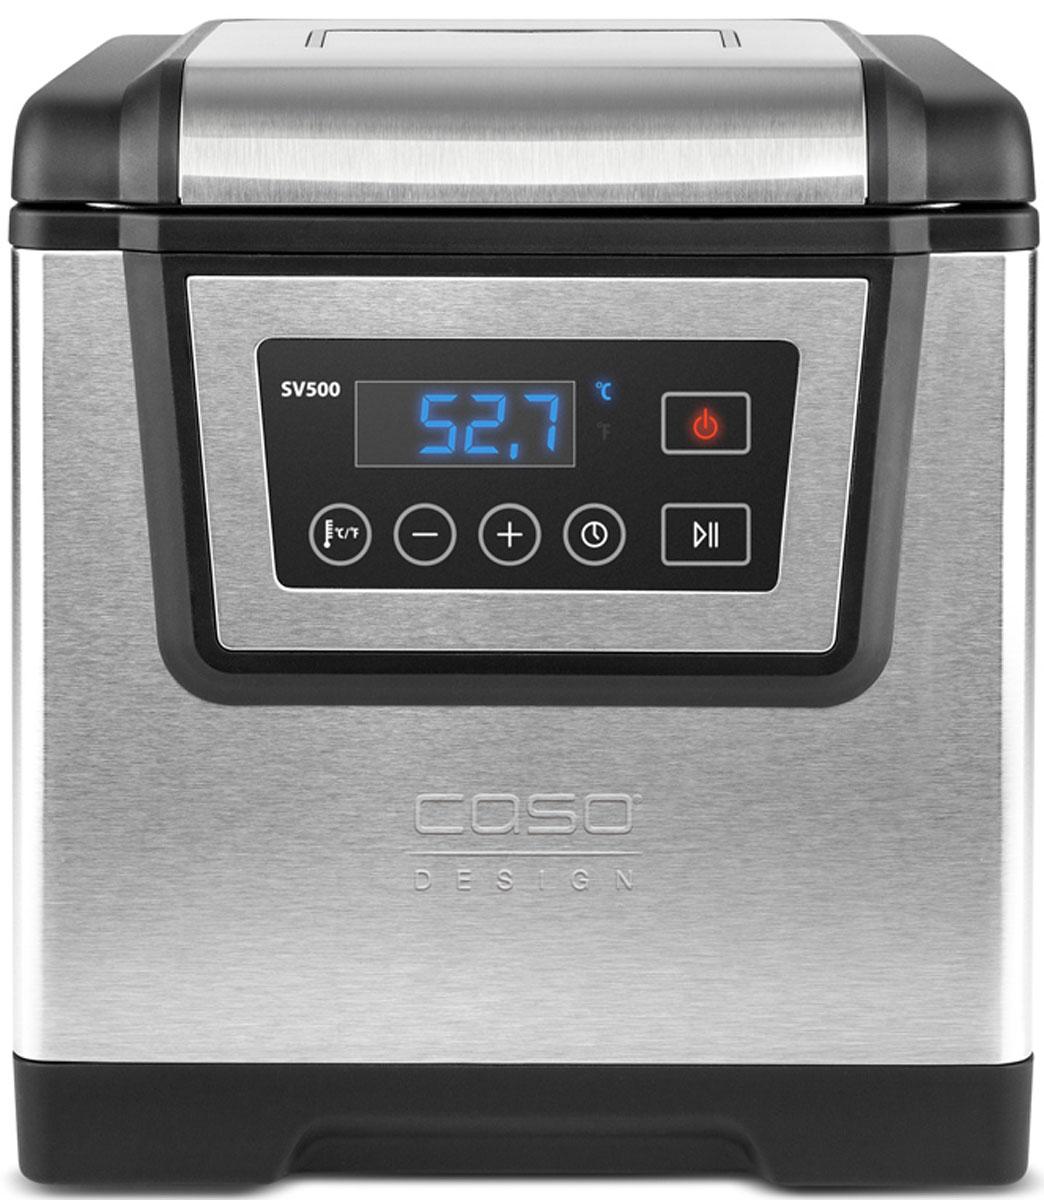 CASO SV 500 су видSV 500Аппарат для готовки по технологии су-вид CASO SV 500 с корпусом из нержавеющей стали оборудован профессиональной системой циркуляции воды, служащей для очень точного регулирования температуры приготовления. Устройство обеспечивает идеальный вакуум для приготовления до 4 порций пищи на водяной бане. Точность измерения температуры регулируется с шагом 0,1°C в диапазоне от 25°C - до 85°C. Аппарат имеет простое управление с сенсорным дисплеем, функцию быстрого нагрева воды. Поверхности CASO SV 900 легко чистятся. Упакуйте ваш продукт в вакуумный пакет и готовьте!